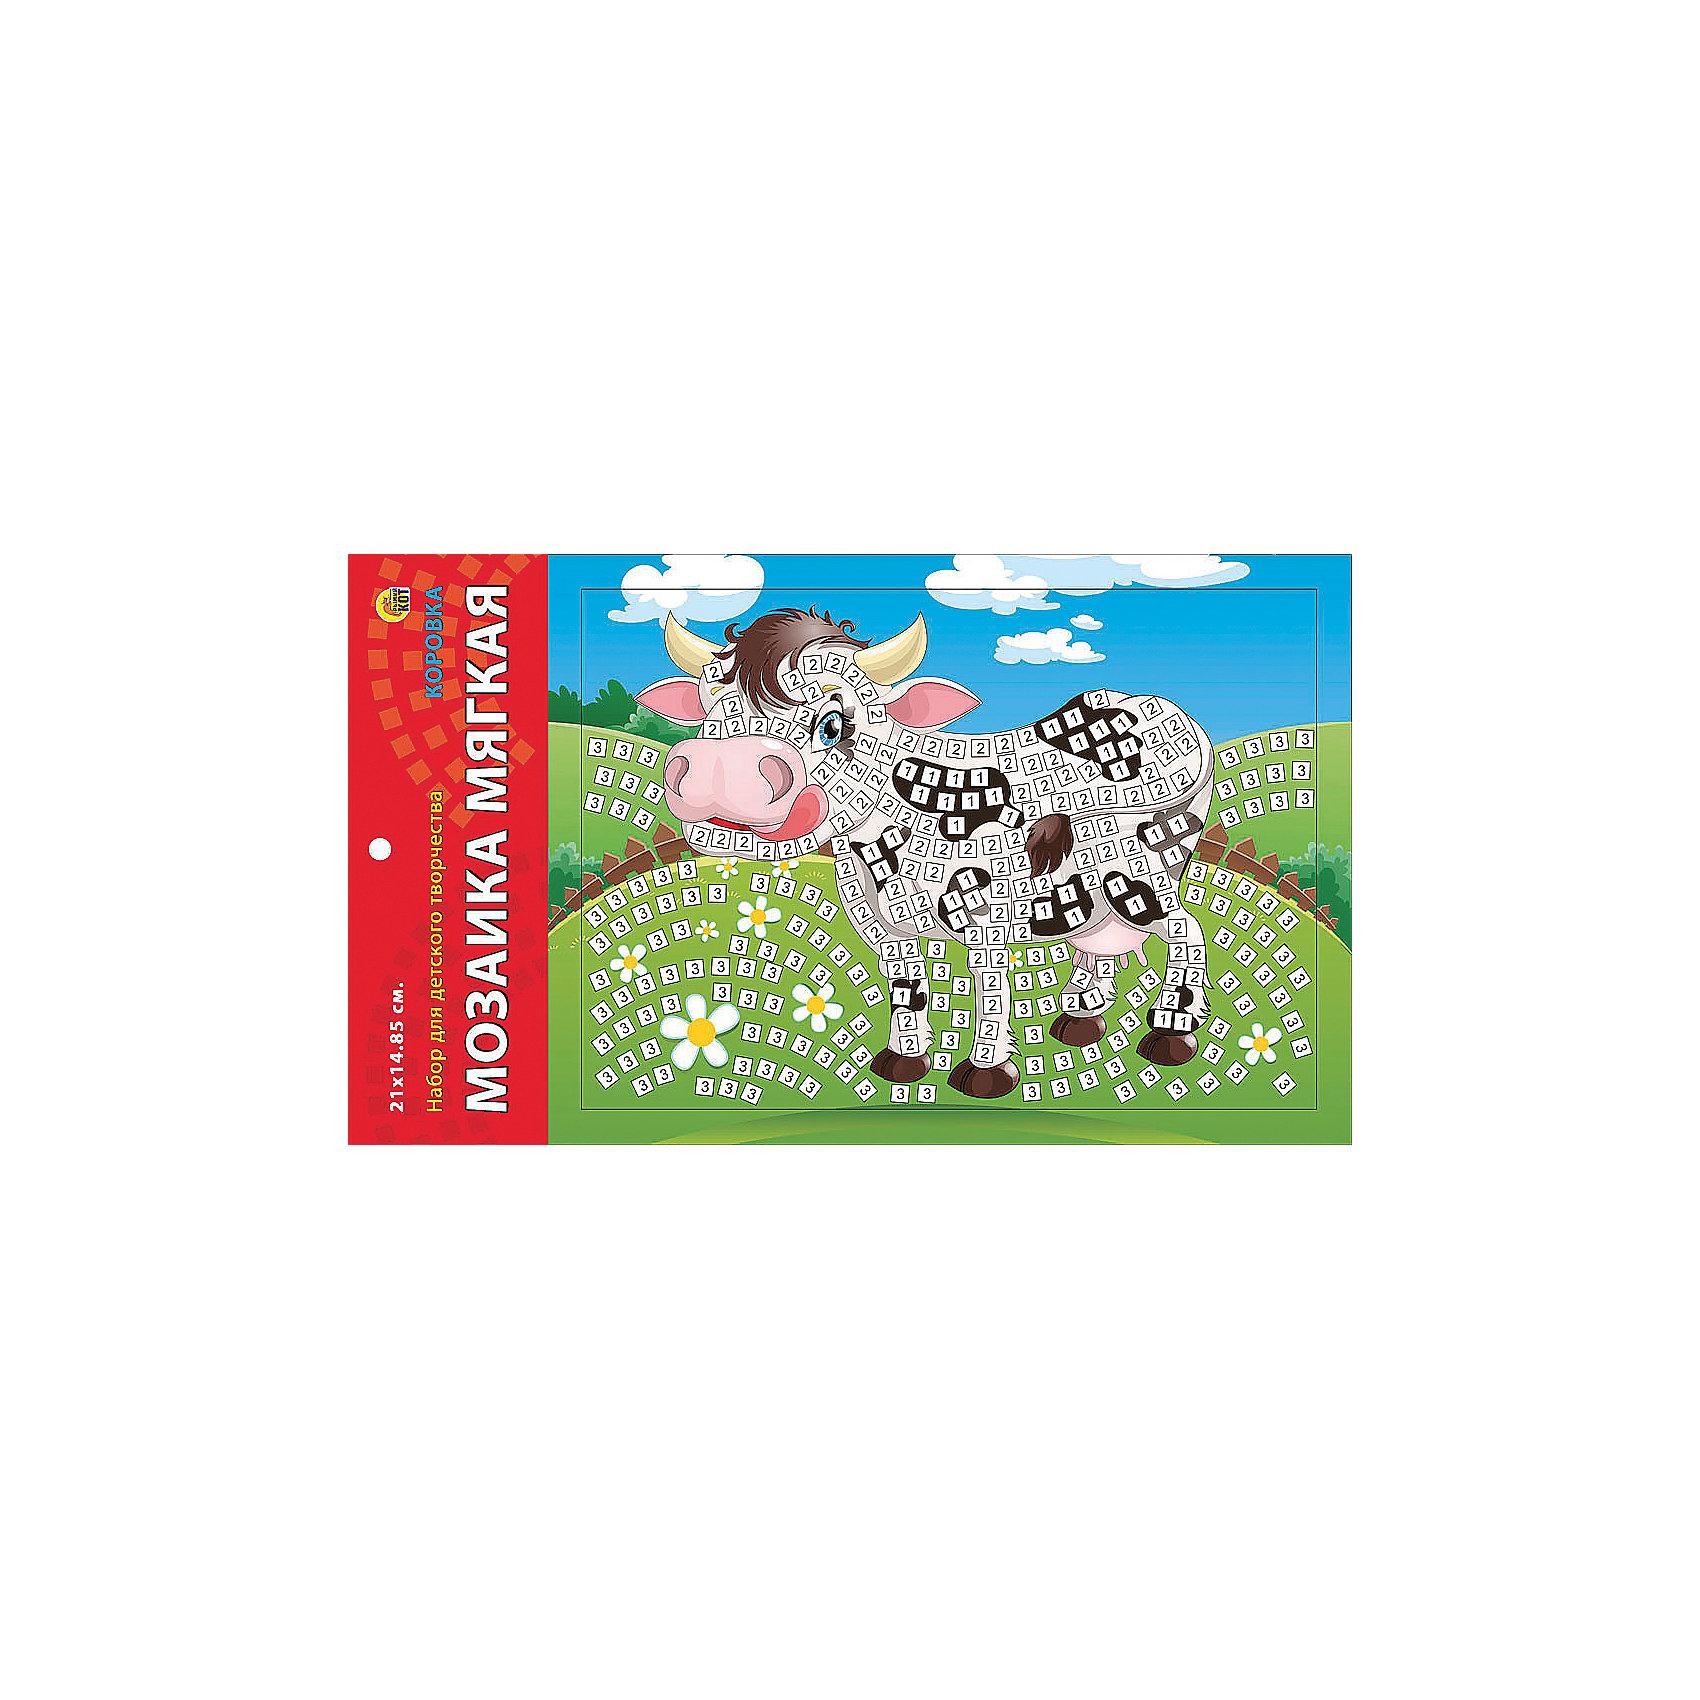 Издательство Рыжий кот Мягкая мозаика Коровка формат А5 (21х15 см) издательство рыжий кот мягкая мозаика обезьянка формат а5 21х15 см